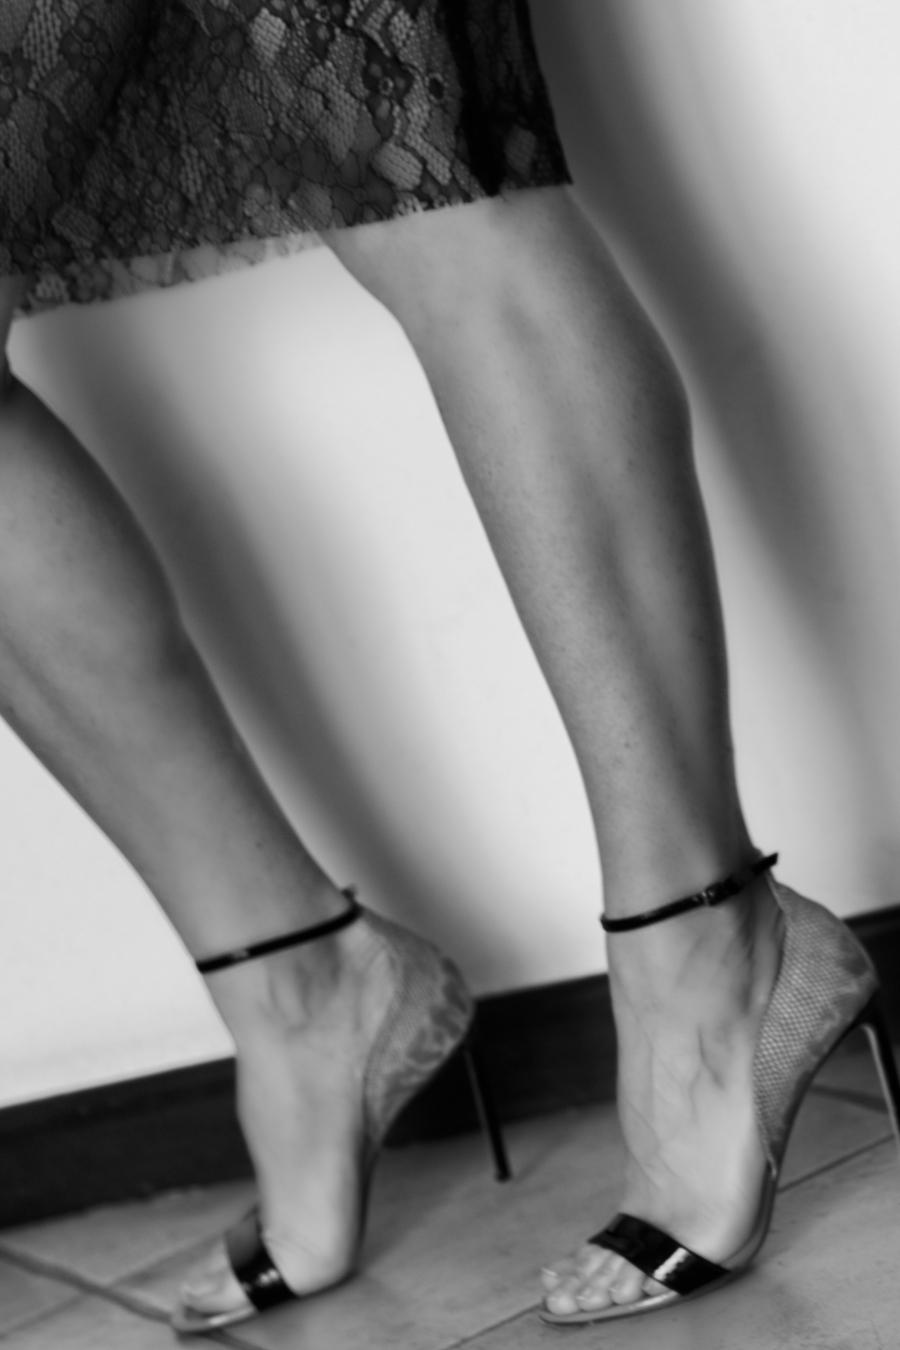 pizzo storie noir stellina sandali francesco russo